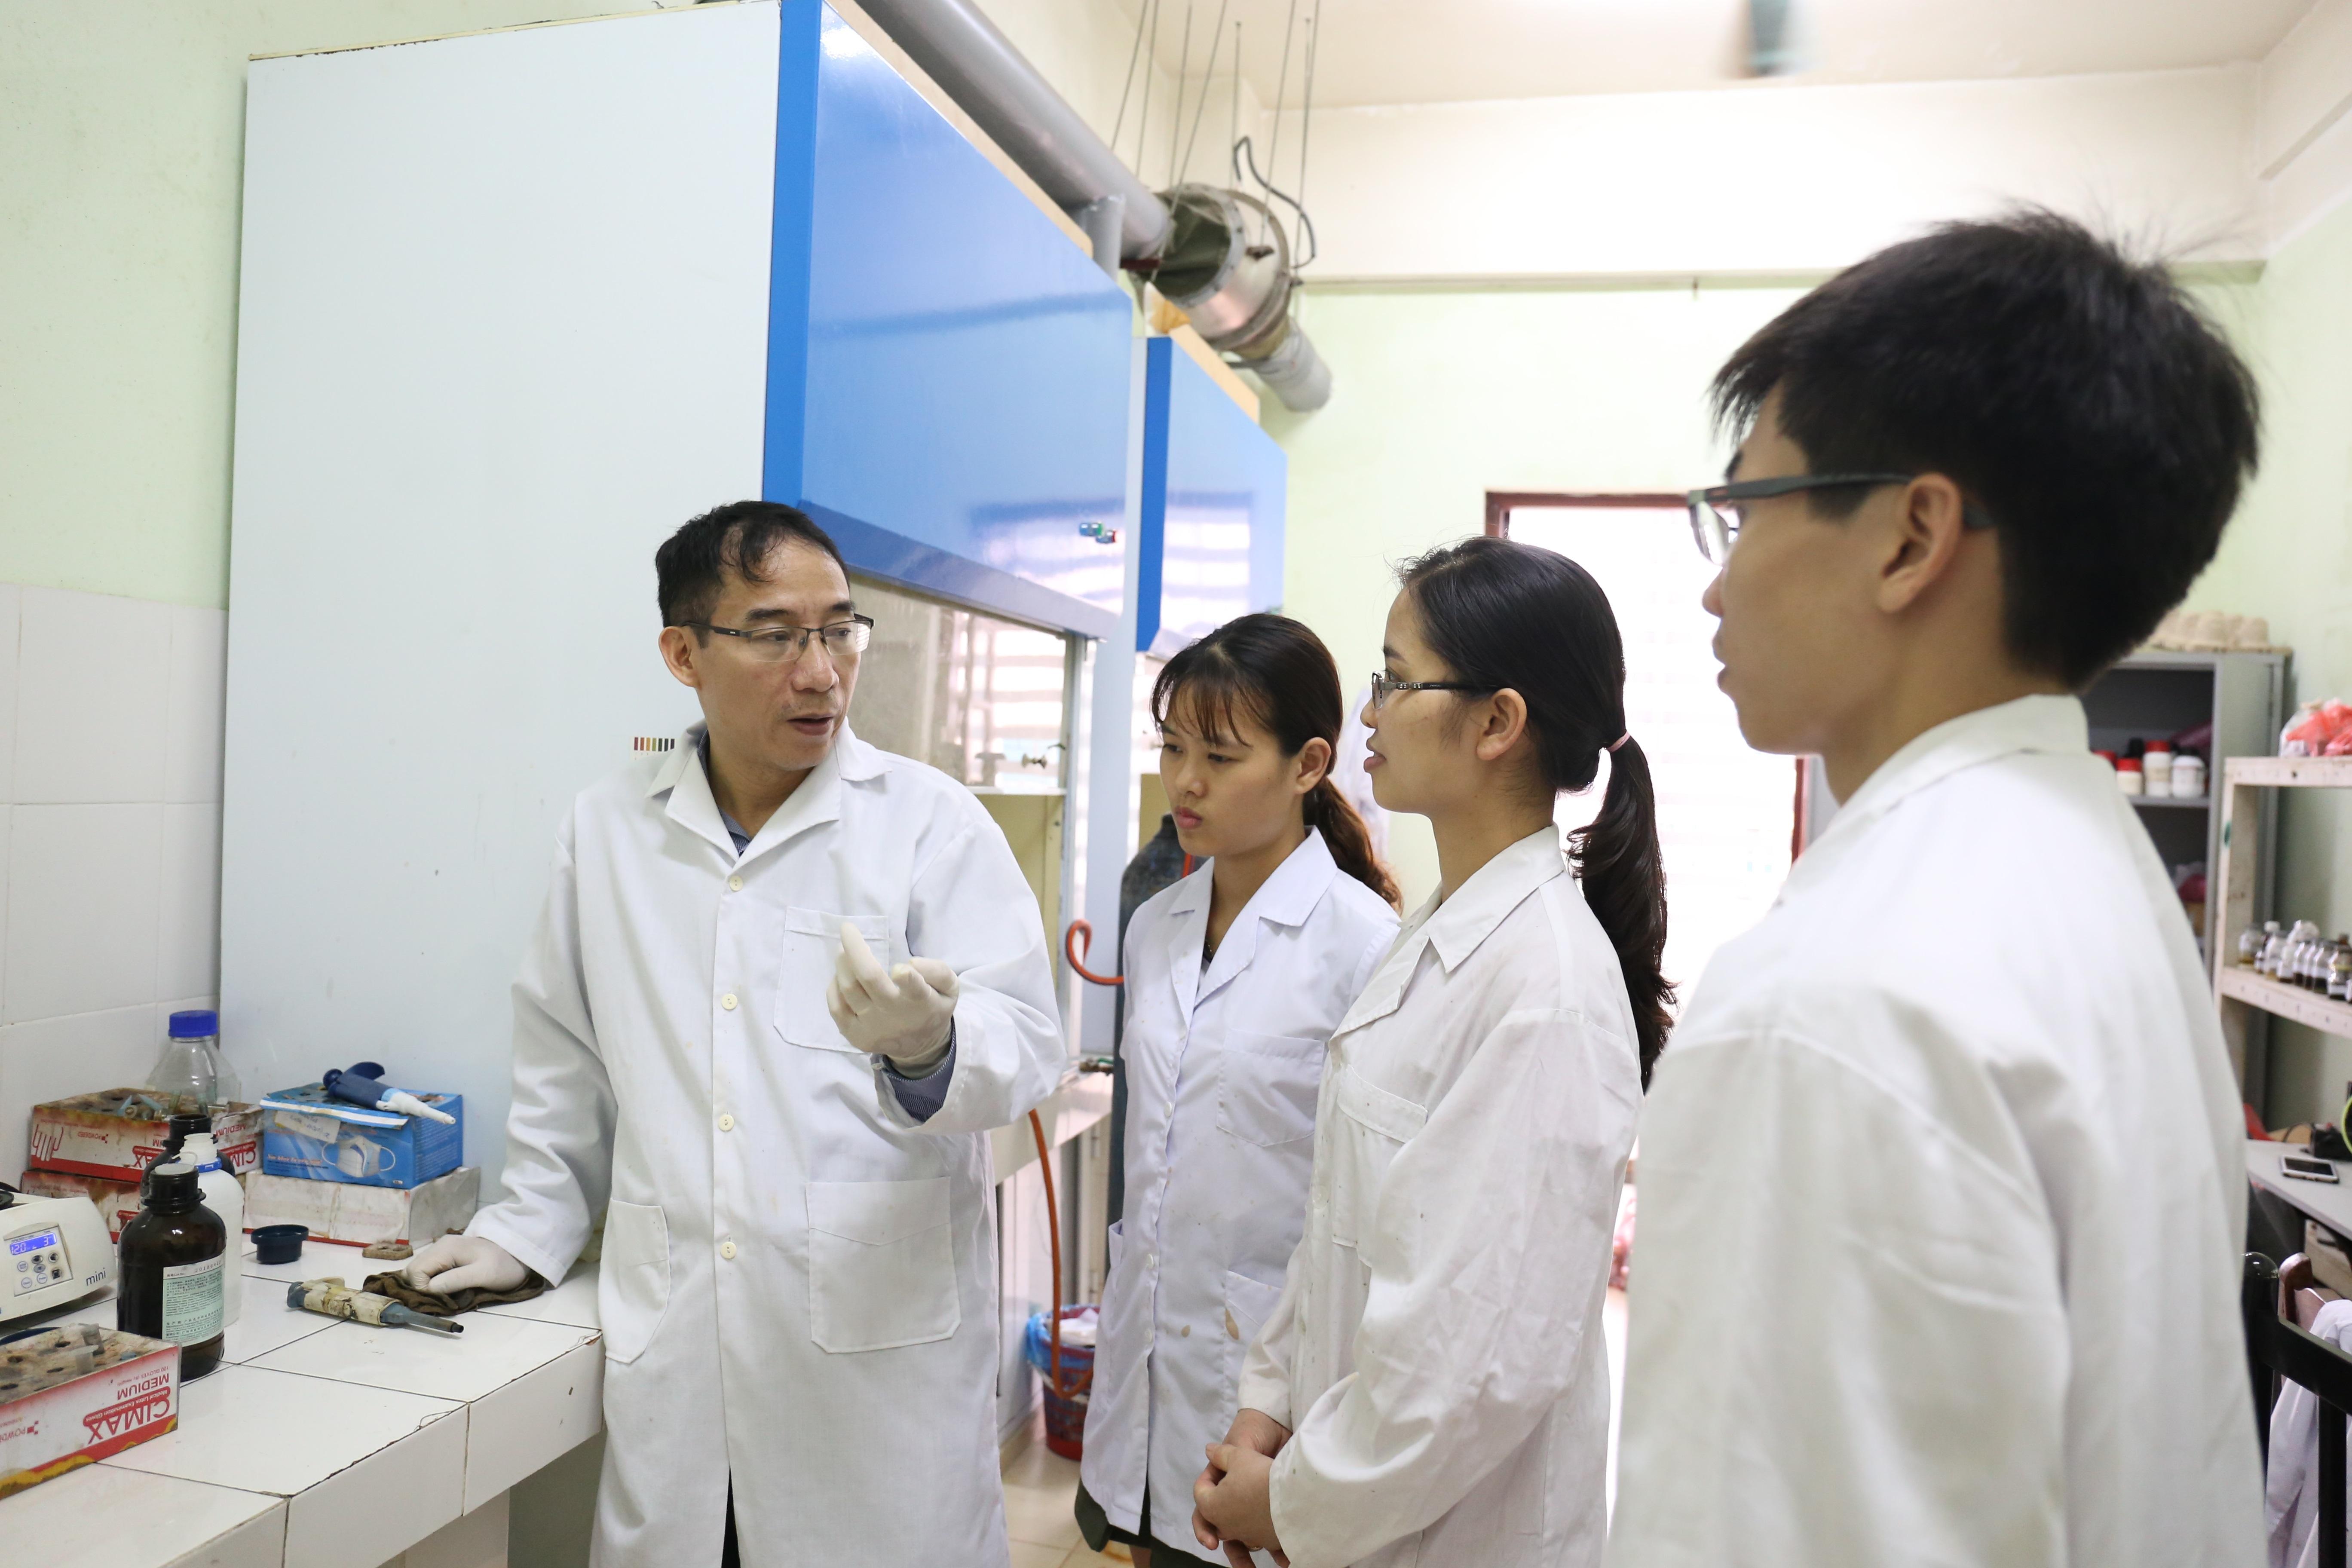 TS. Lê Trọng Lư và học trò tại Phòng thí nghiệm Viện Kỹ thuật nhiệt đới (Viện Hàn lâm KH&CN Việt Nam).